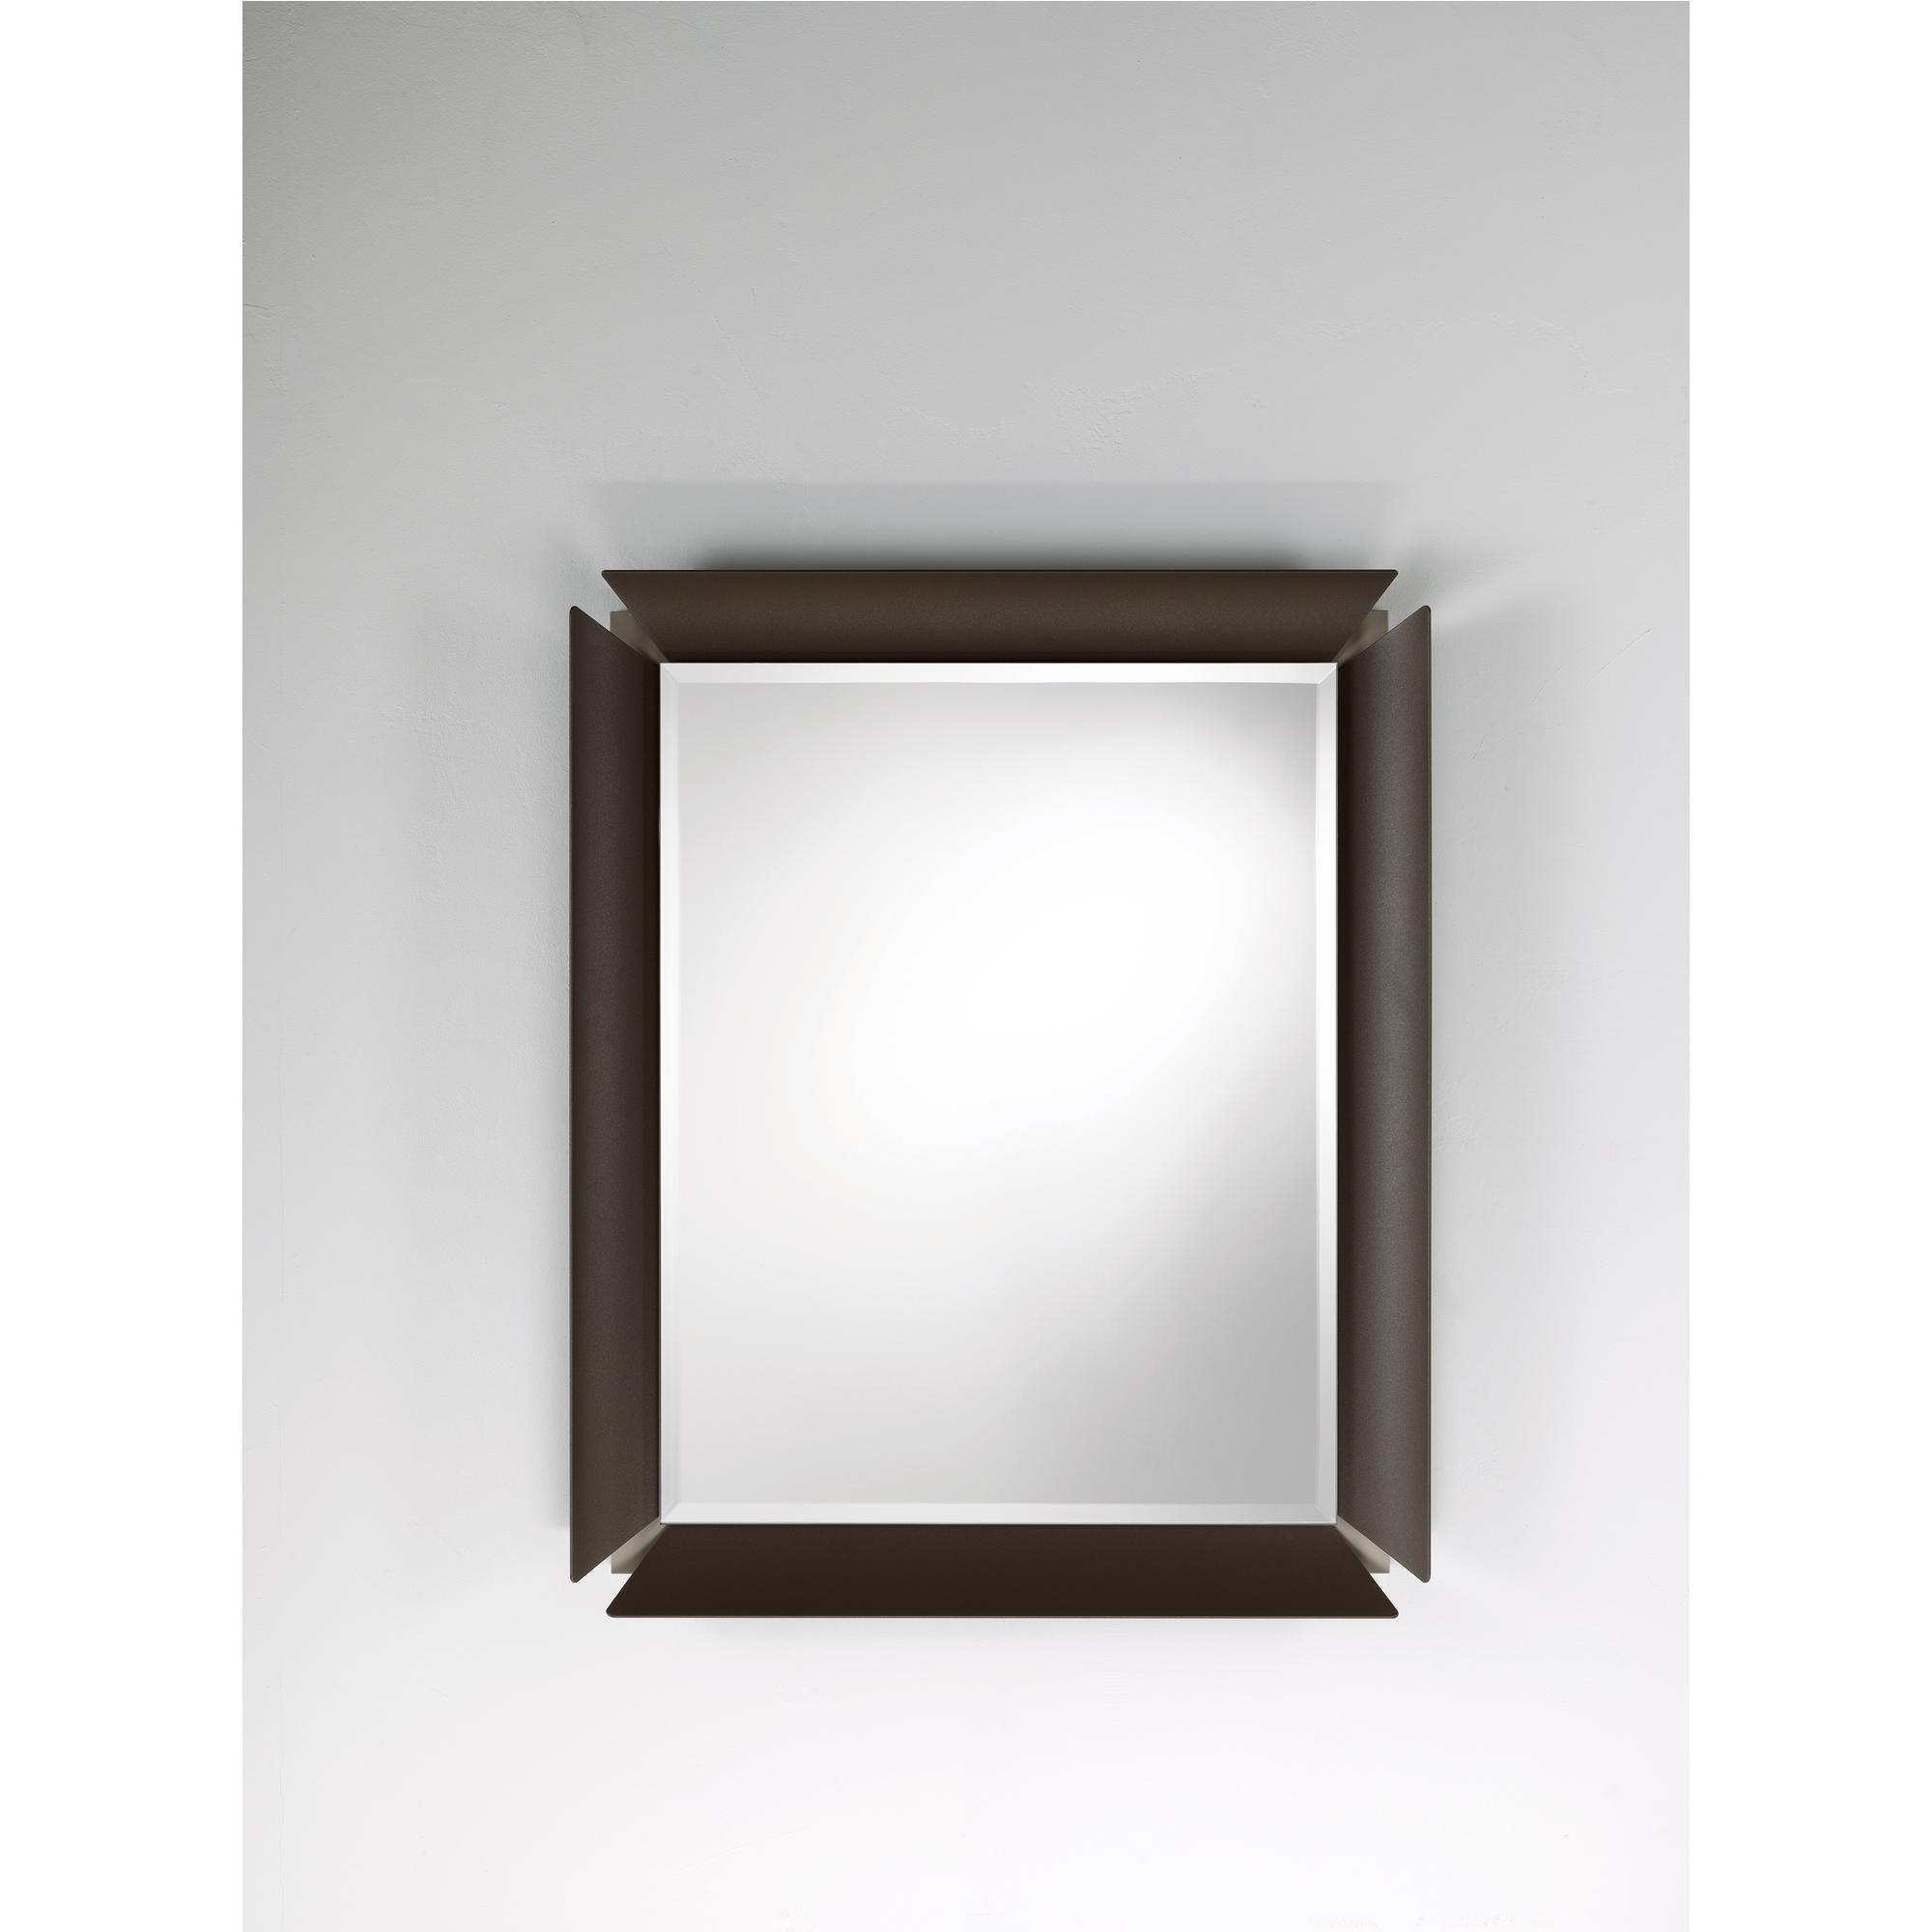 Specchio rettangolare da parete in alluminio verniciato - Specchio rettangolare da parete ...